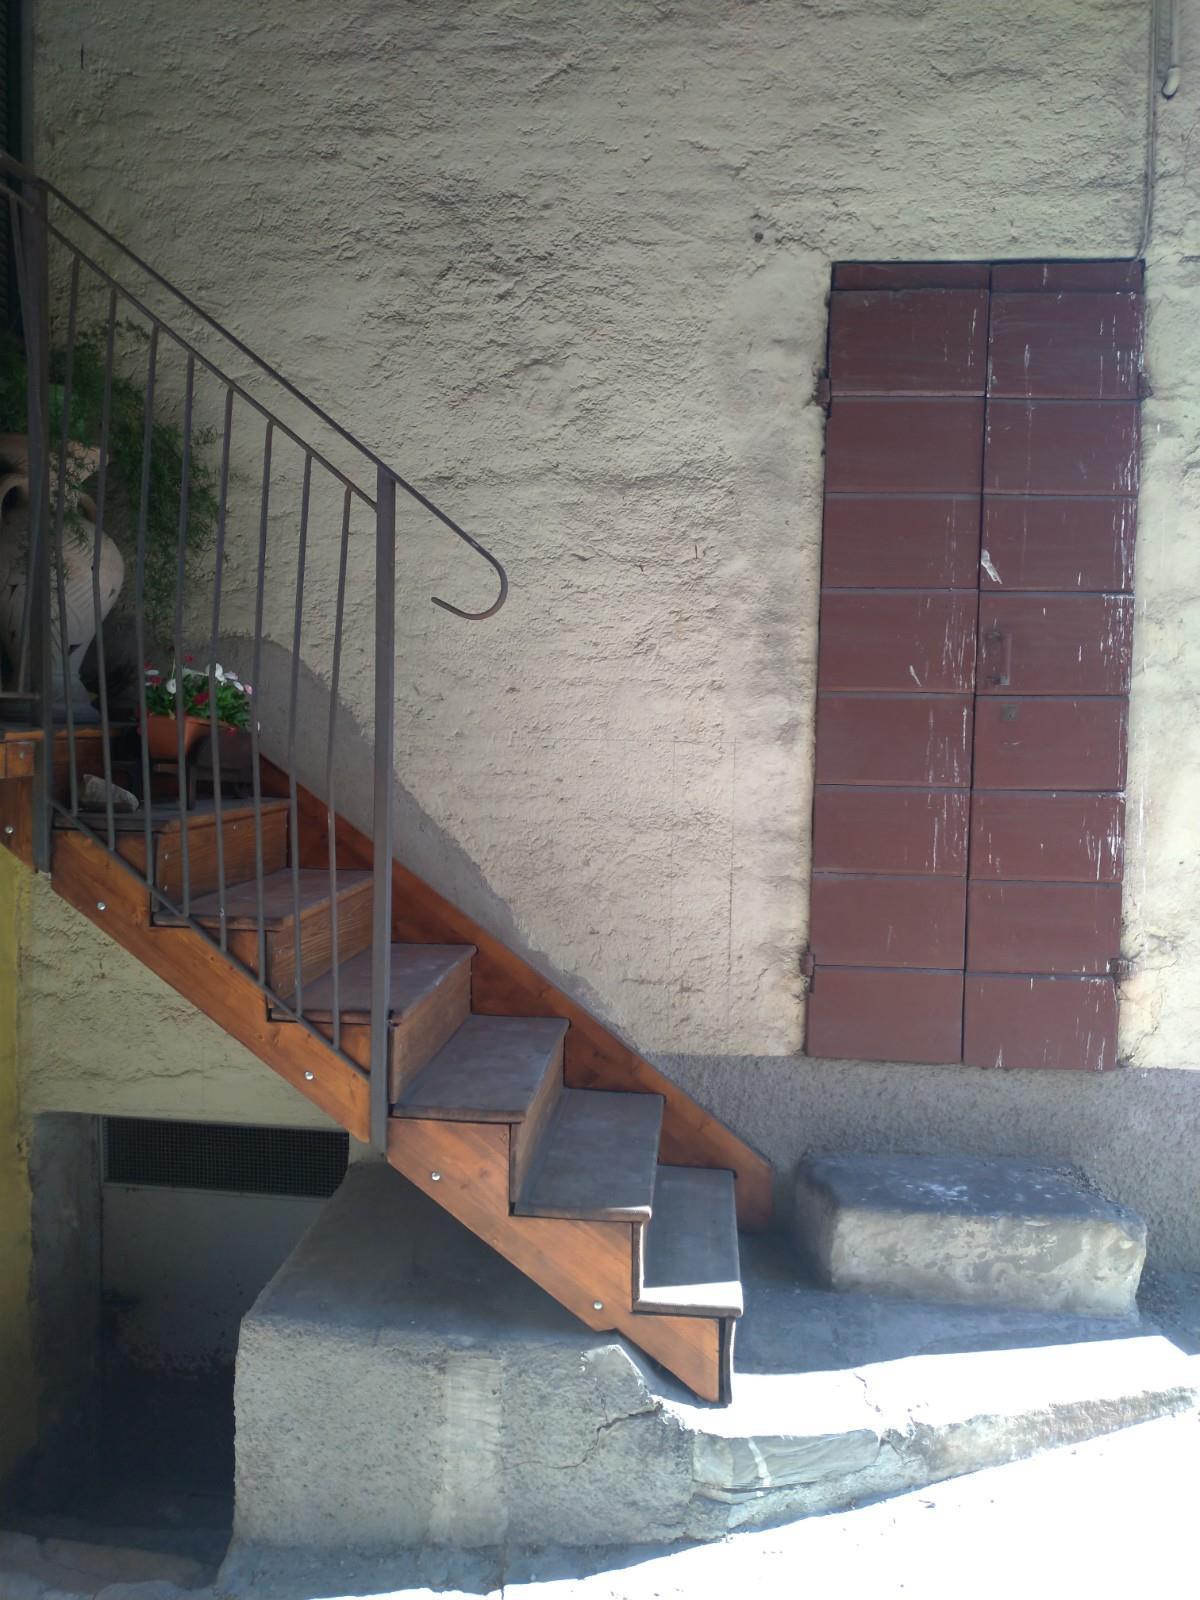 Foto 4 - Casa indipendente in Vendita - Valgreghentino (Lecco)